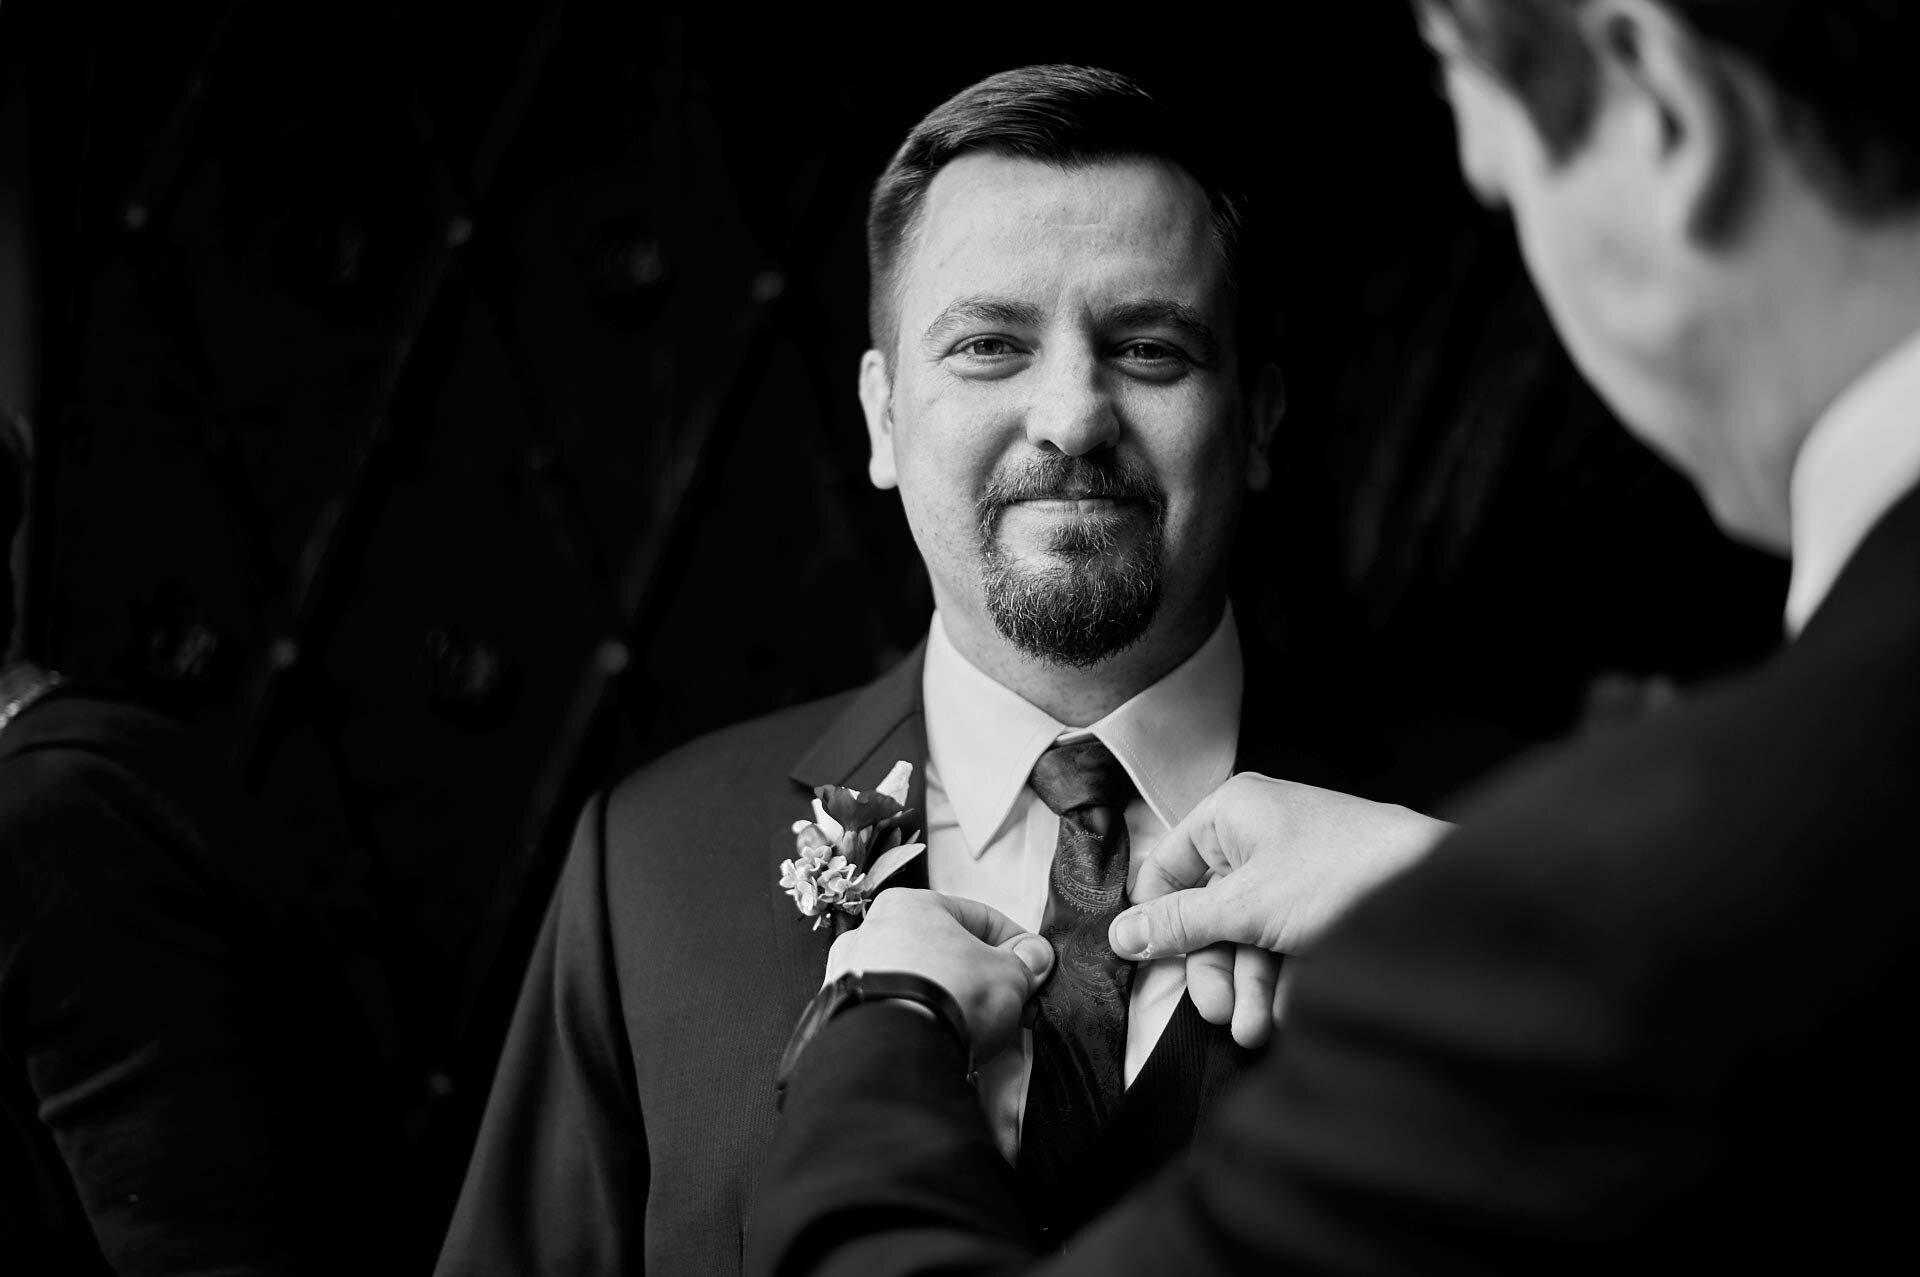 MW-Hochzeitsfotografie-Hochzeitsfotos-Hochzeit-247.jpg